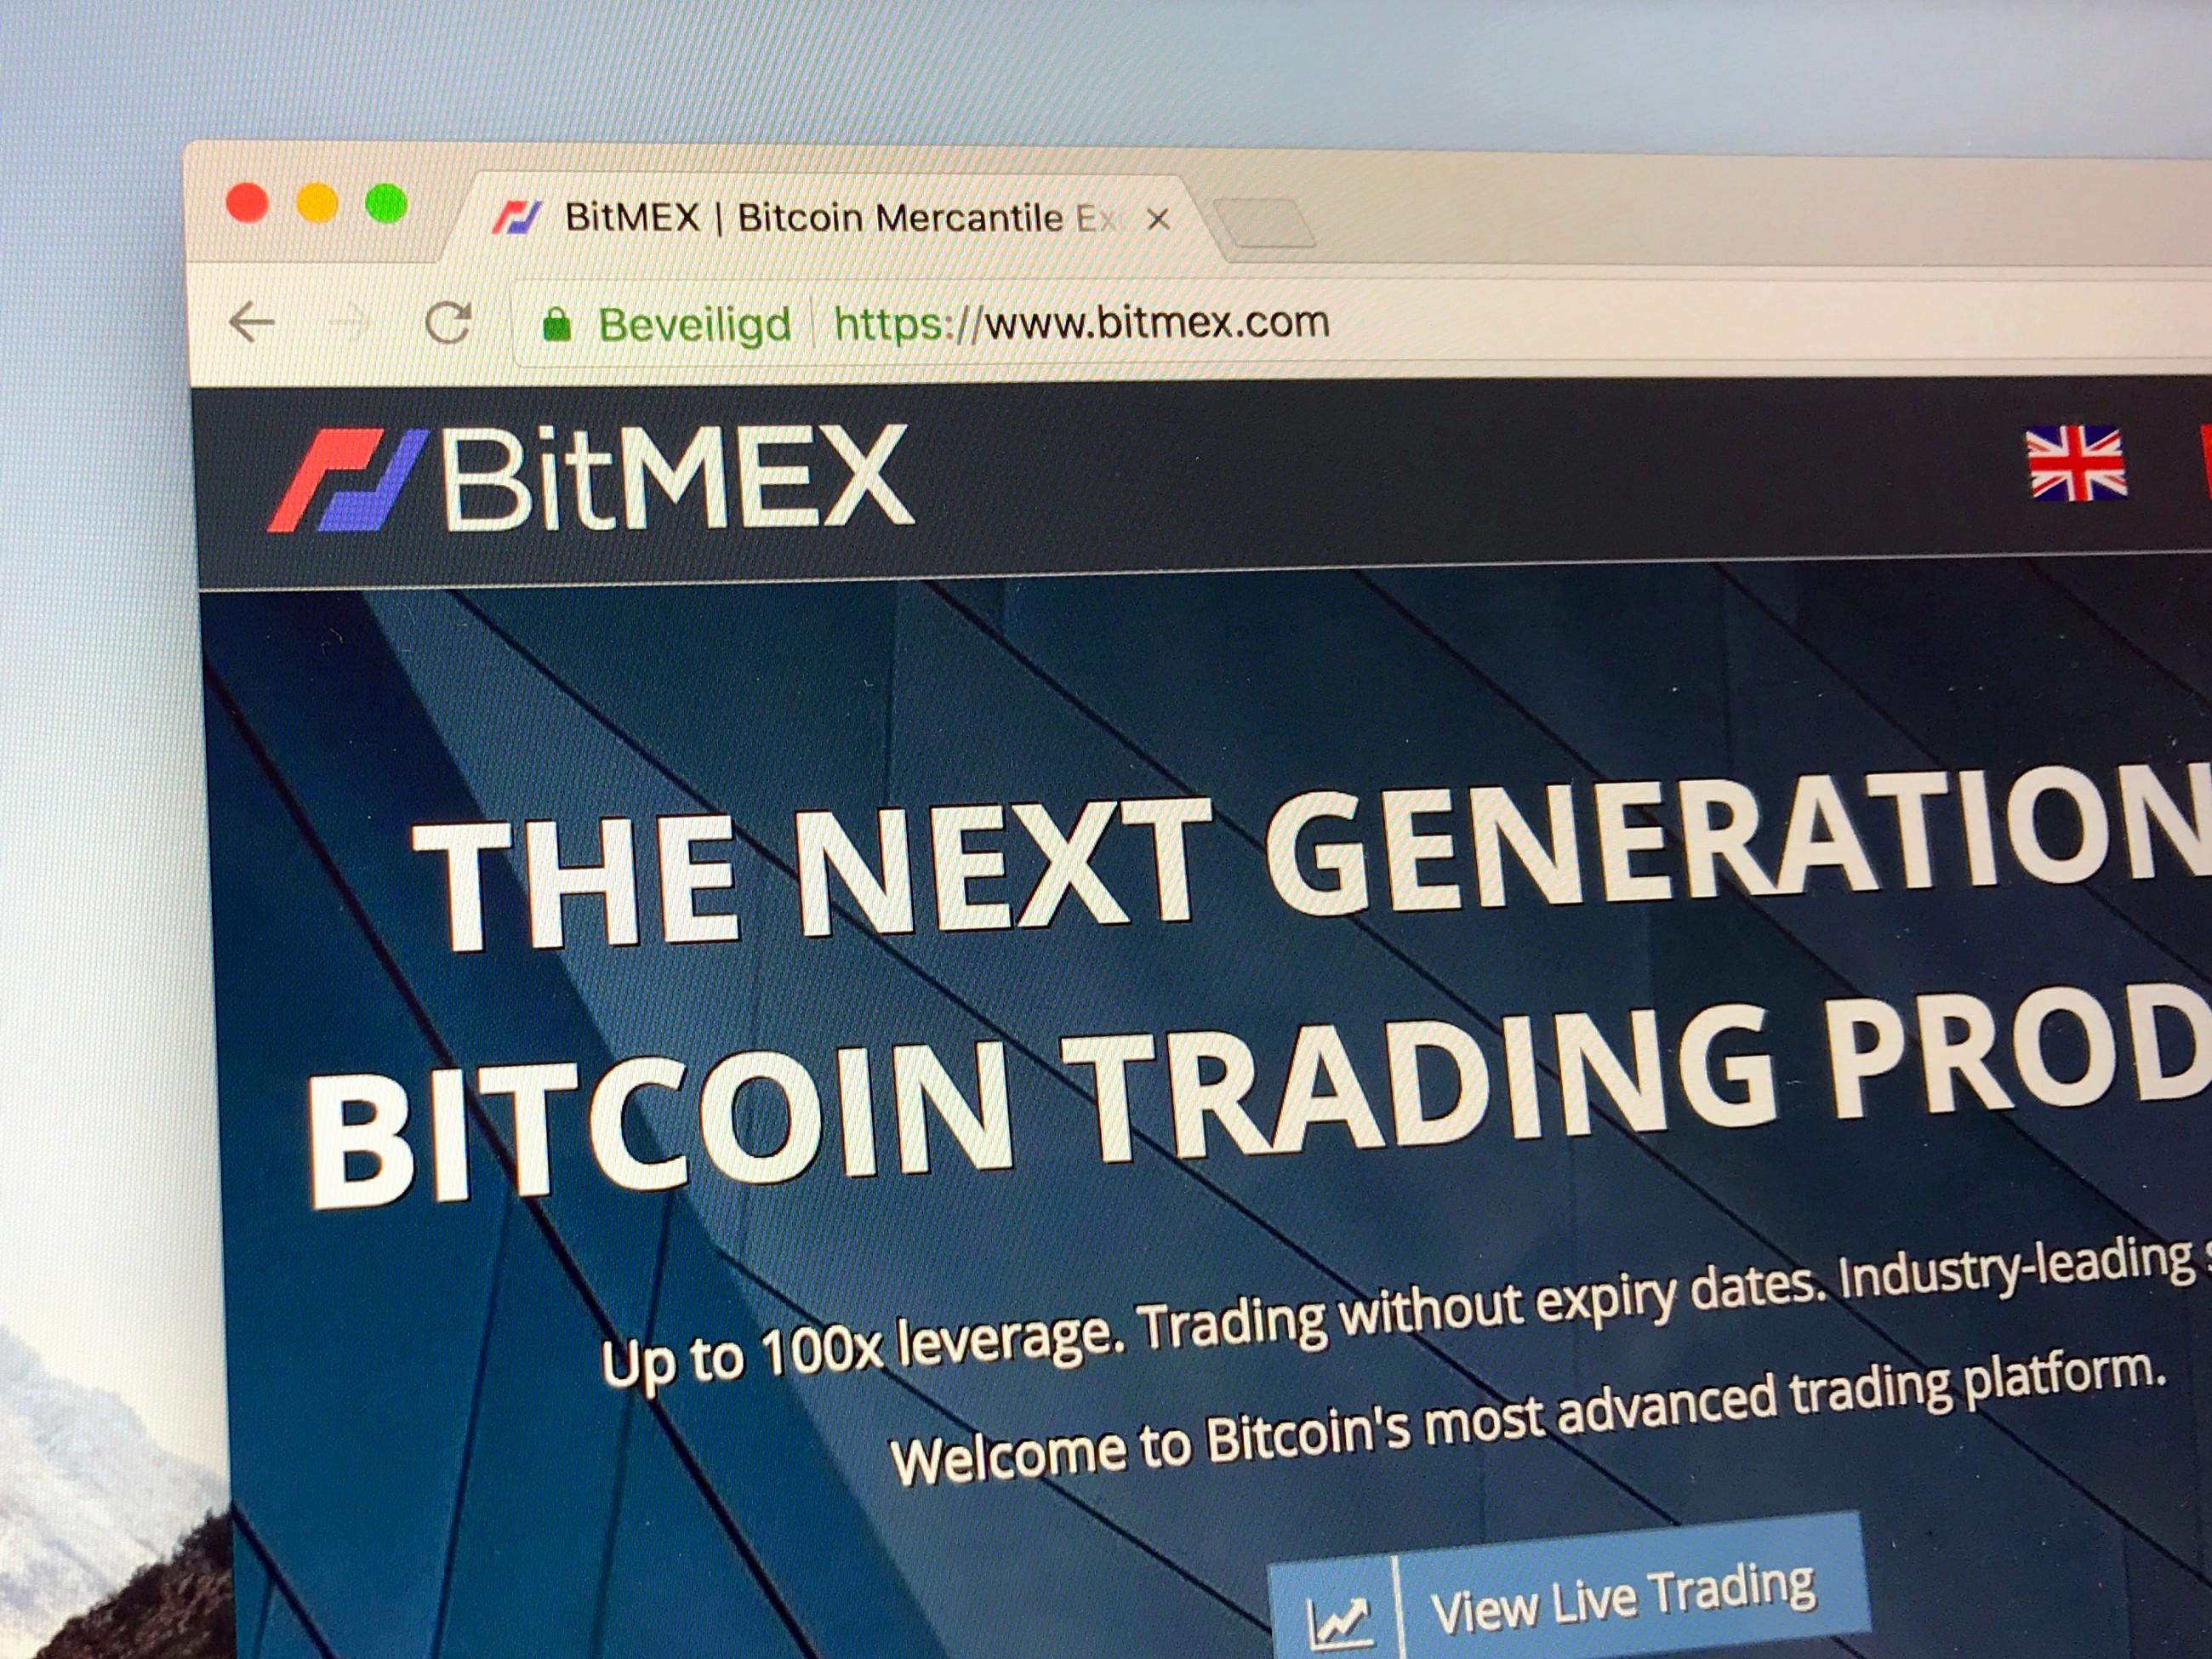 Intercambio criptográfico BitMex, cerró cuentas comerciales en Estados Unidos y la provincia canadiense de Quebec debido a restricciones regulatorias